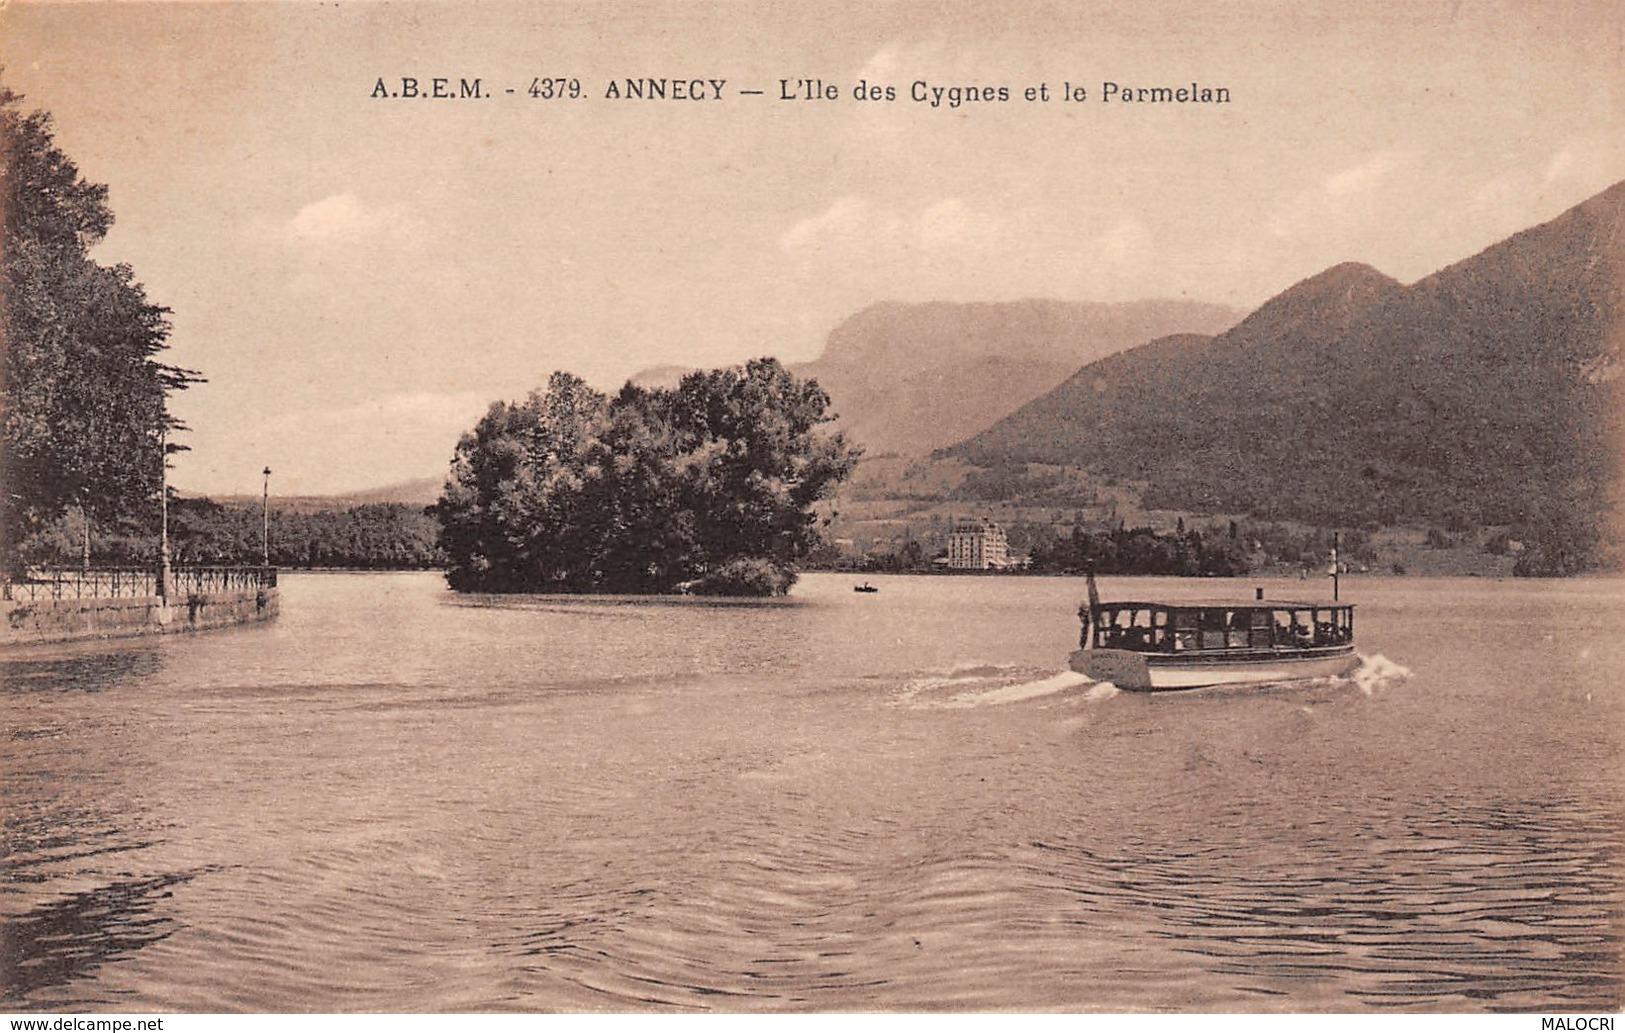 74-ANNECY L ILE DES CYGNES-N°1131-G/0305 - Annecy